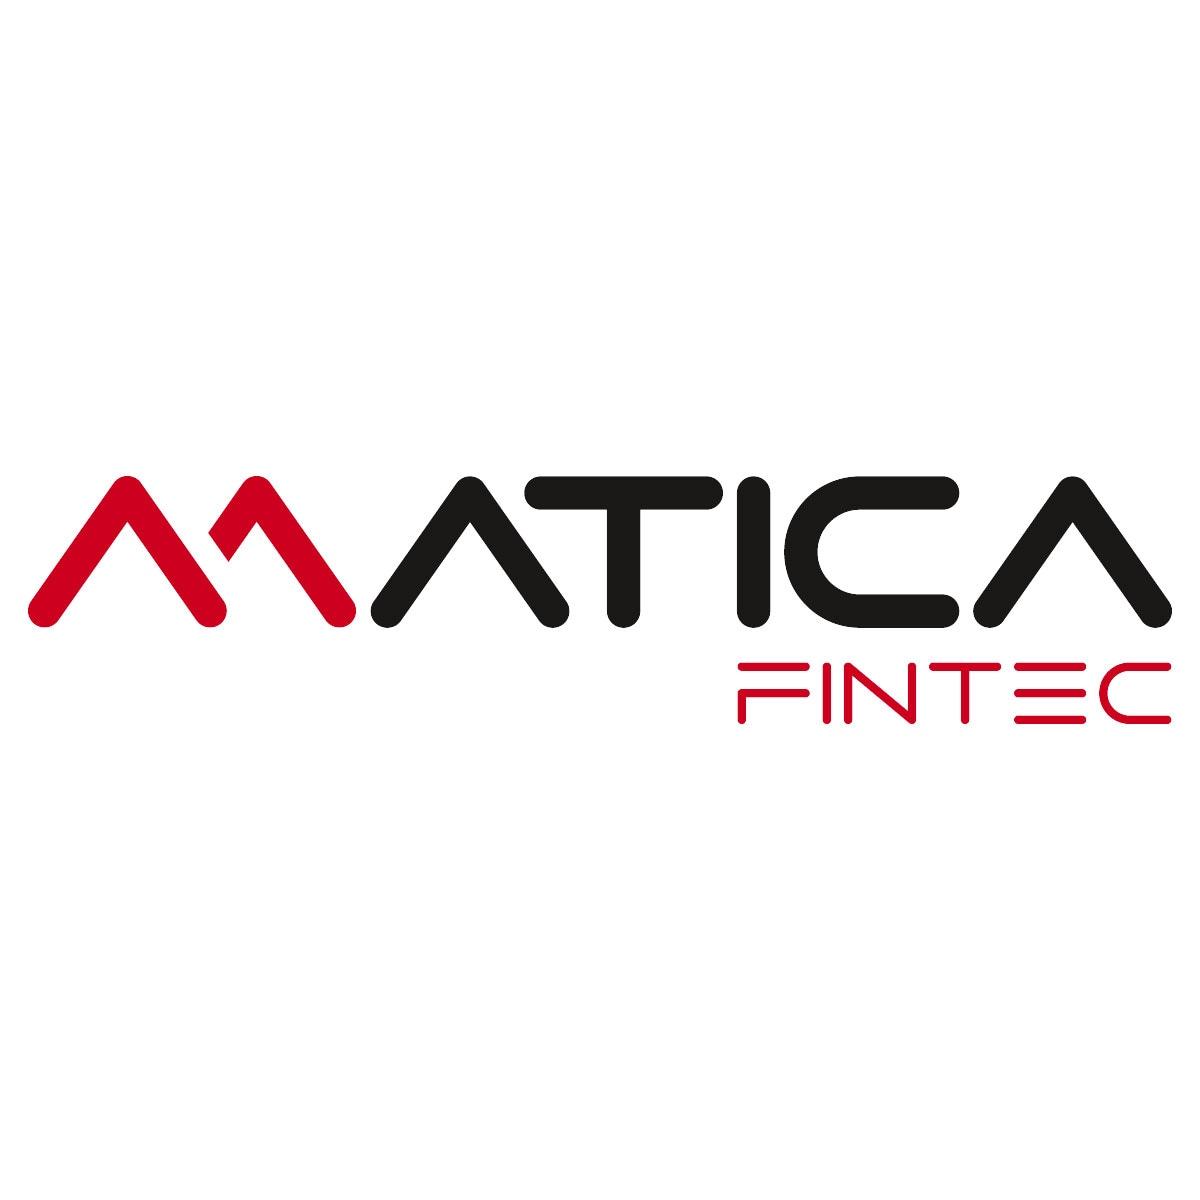 Matica Fintec, i conti del primo semestre 2020